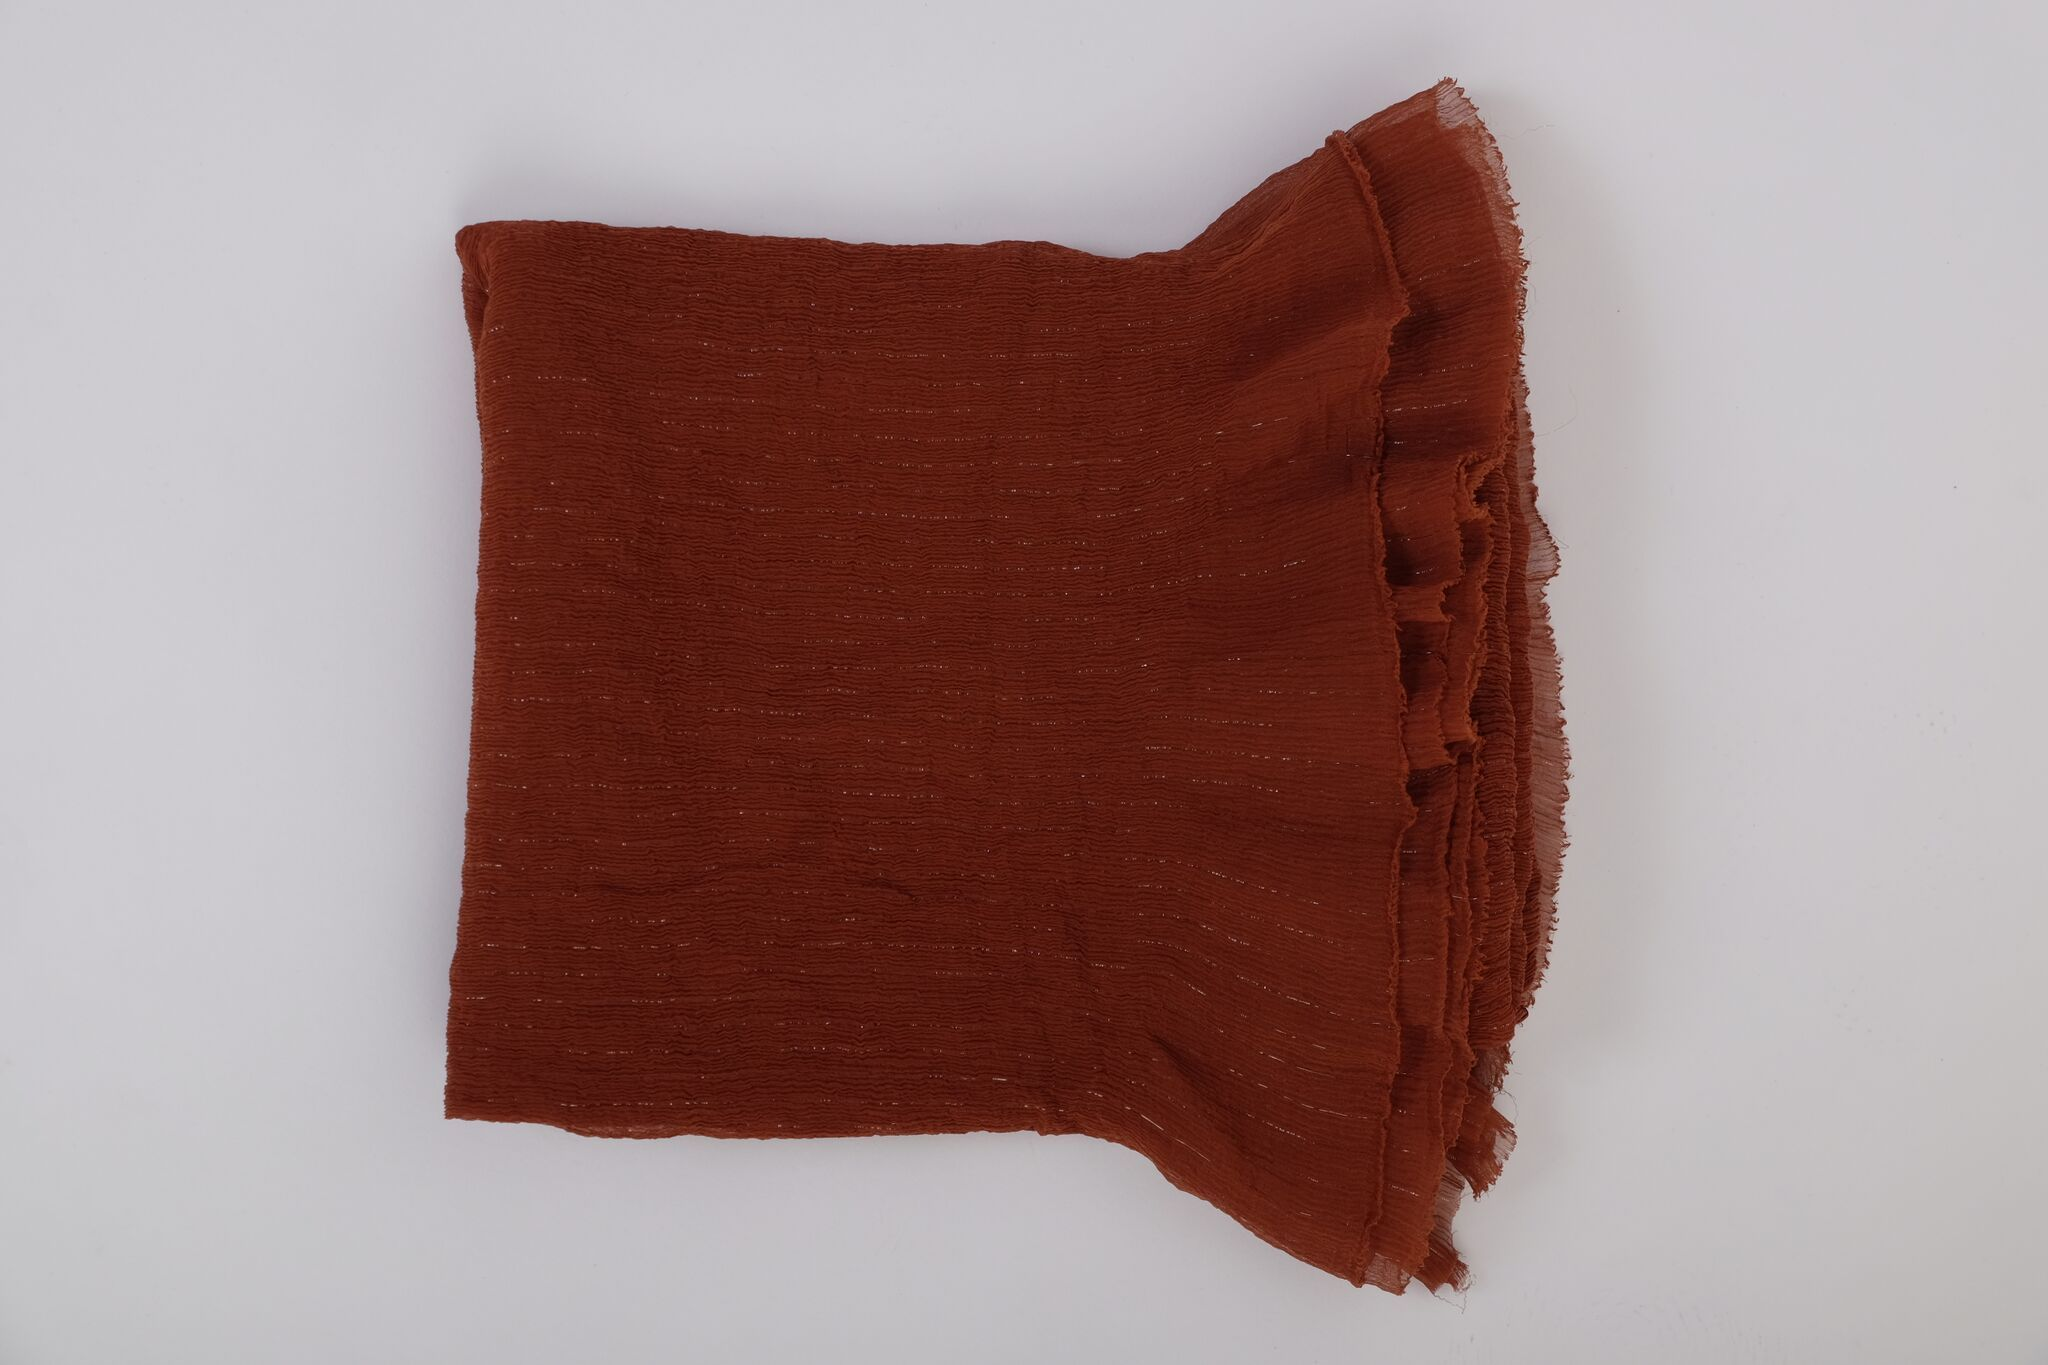 a8f9376834ec foulard de soie réalisé par ma marque de teinture naturelle Rézéda ...